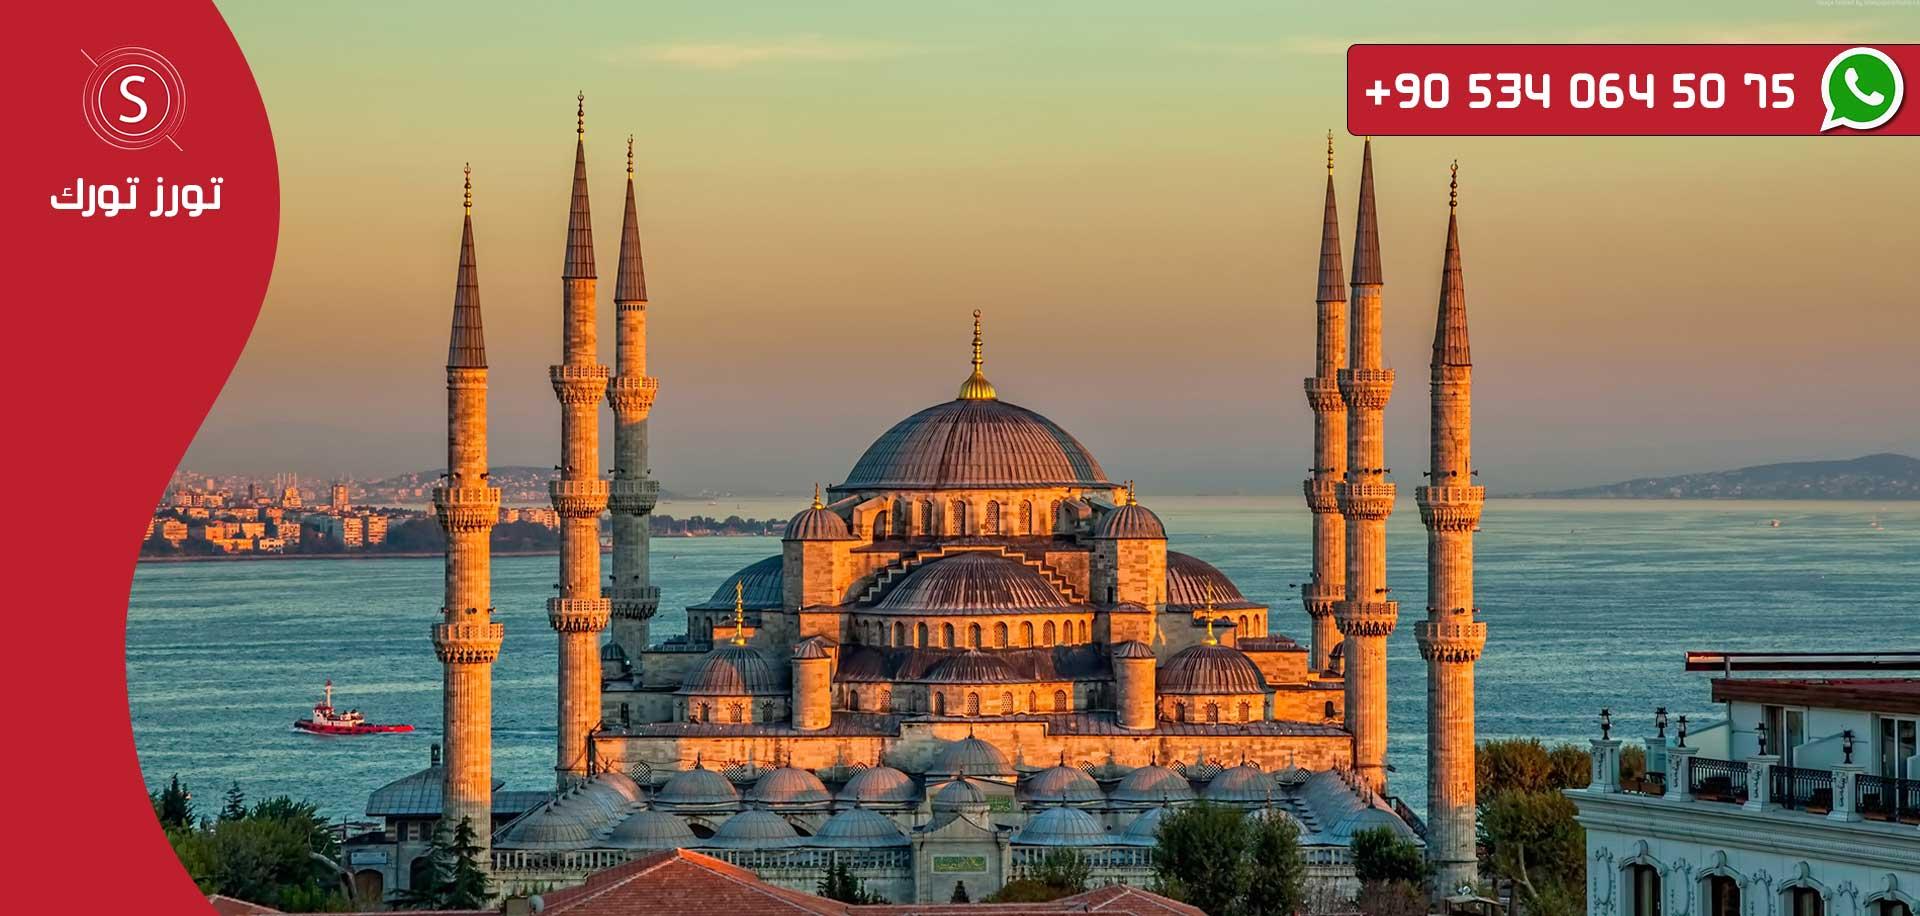 مناطق سياحية في اسطنبول سلطان احمد